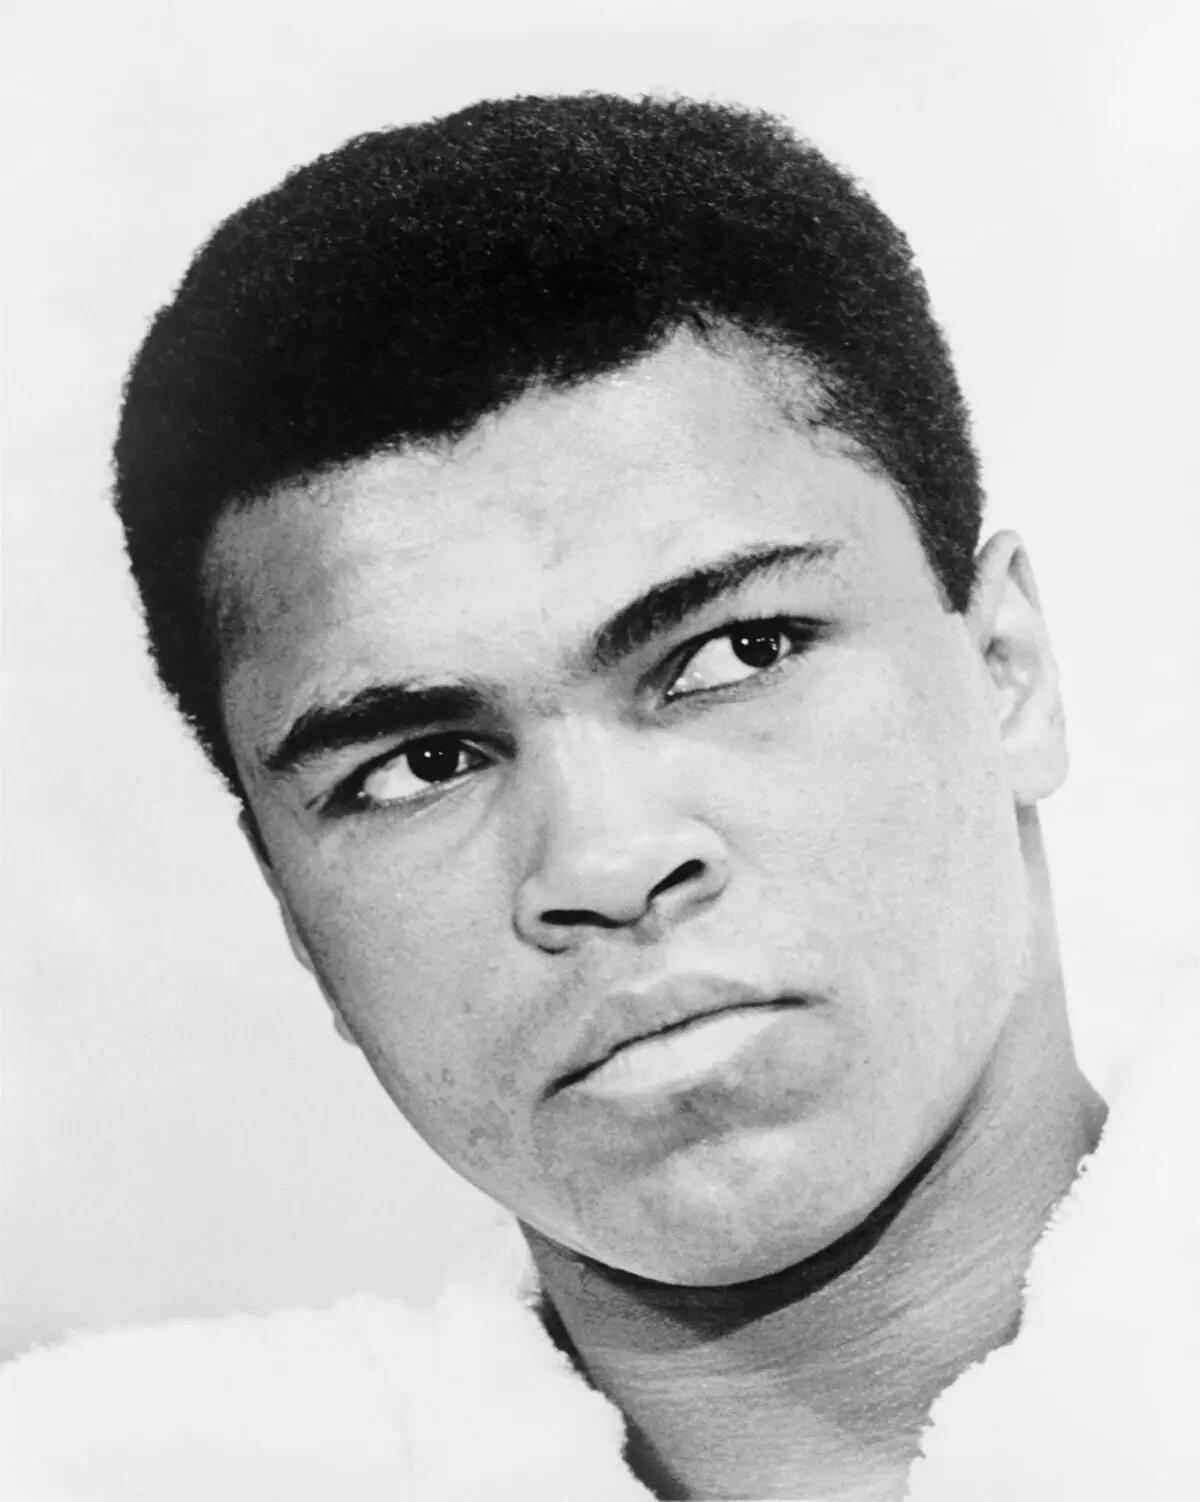 Odié cada minuto de entrenamiento, pero me dije: Sufro ahora y viviré mi vida como un campeón. /Muhammad Ali, boxeador estadounidense.